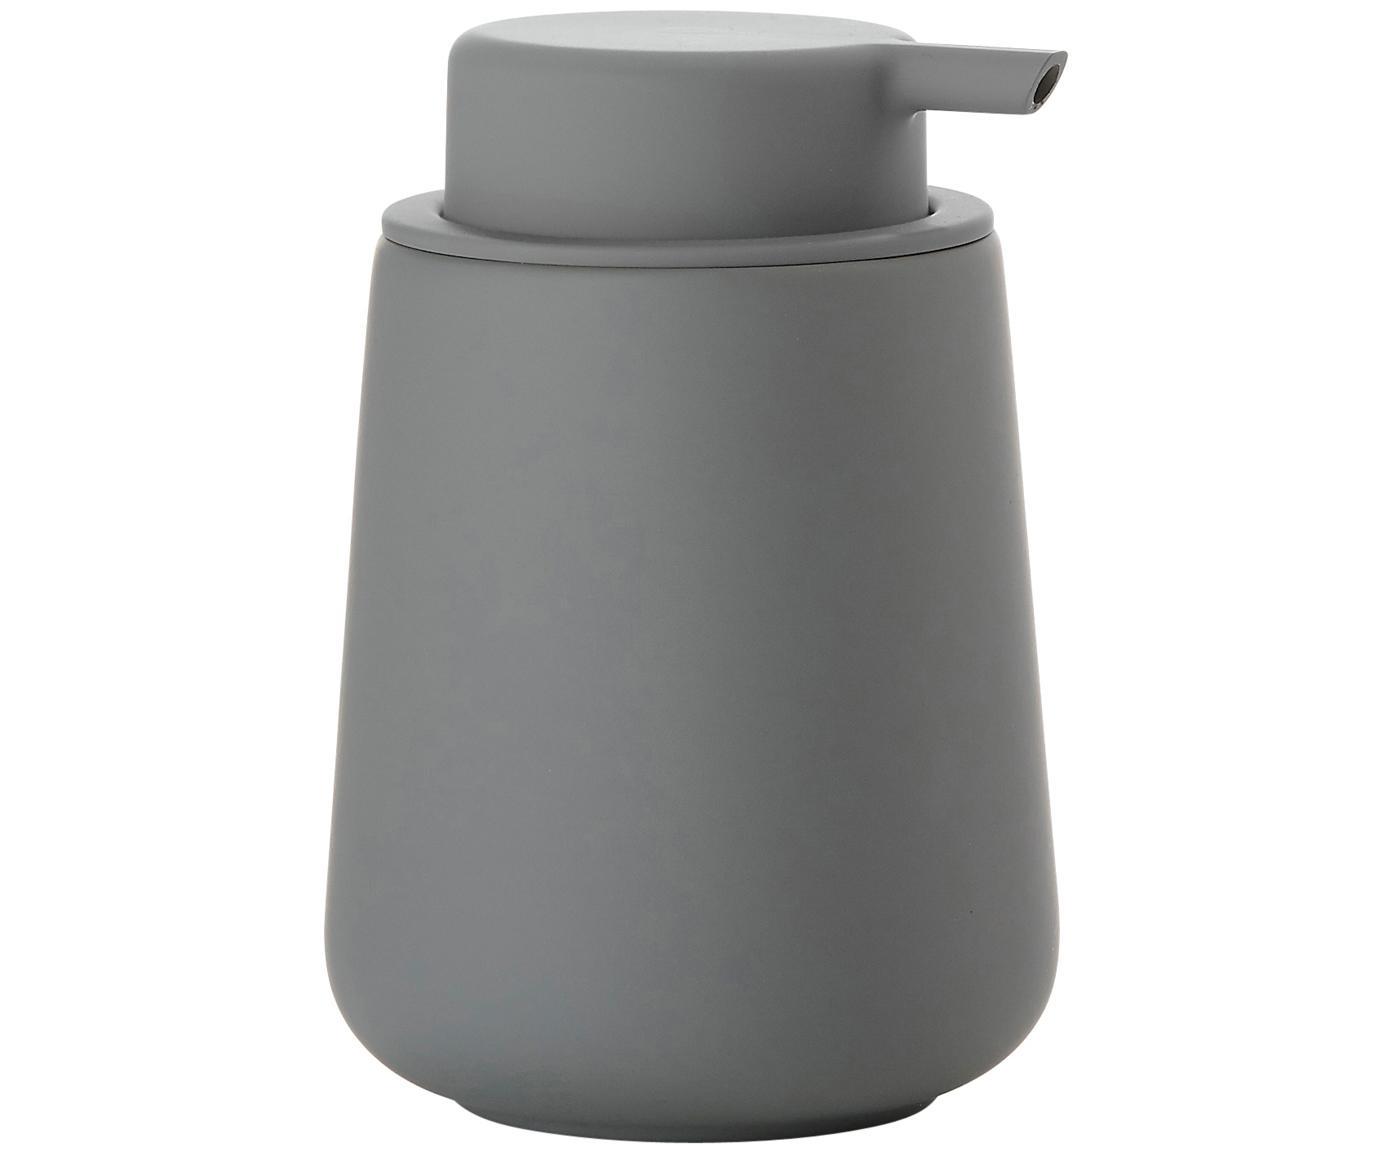 Dosificador de jabón Push, Recipiente: porcelana, Dosificador: plástico, Gris, Ø 8 x Al 12 cm